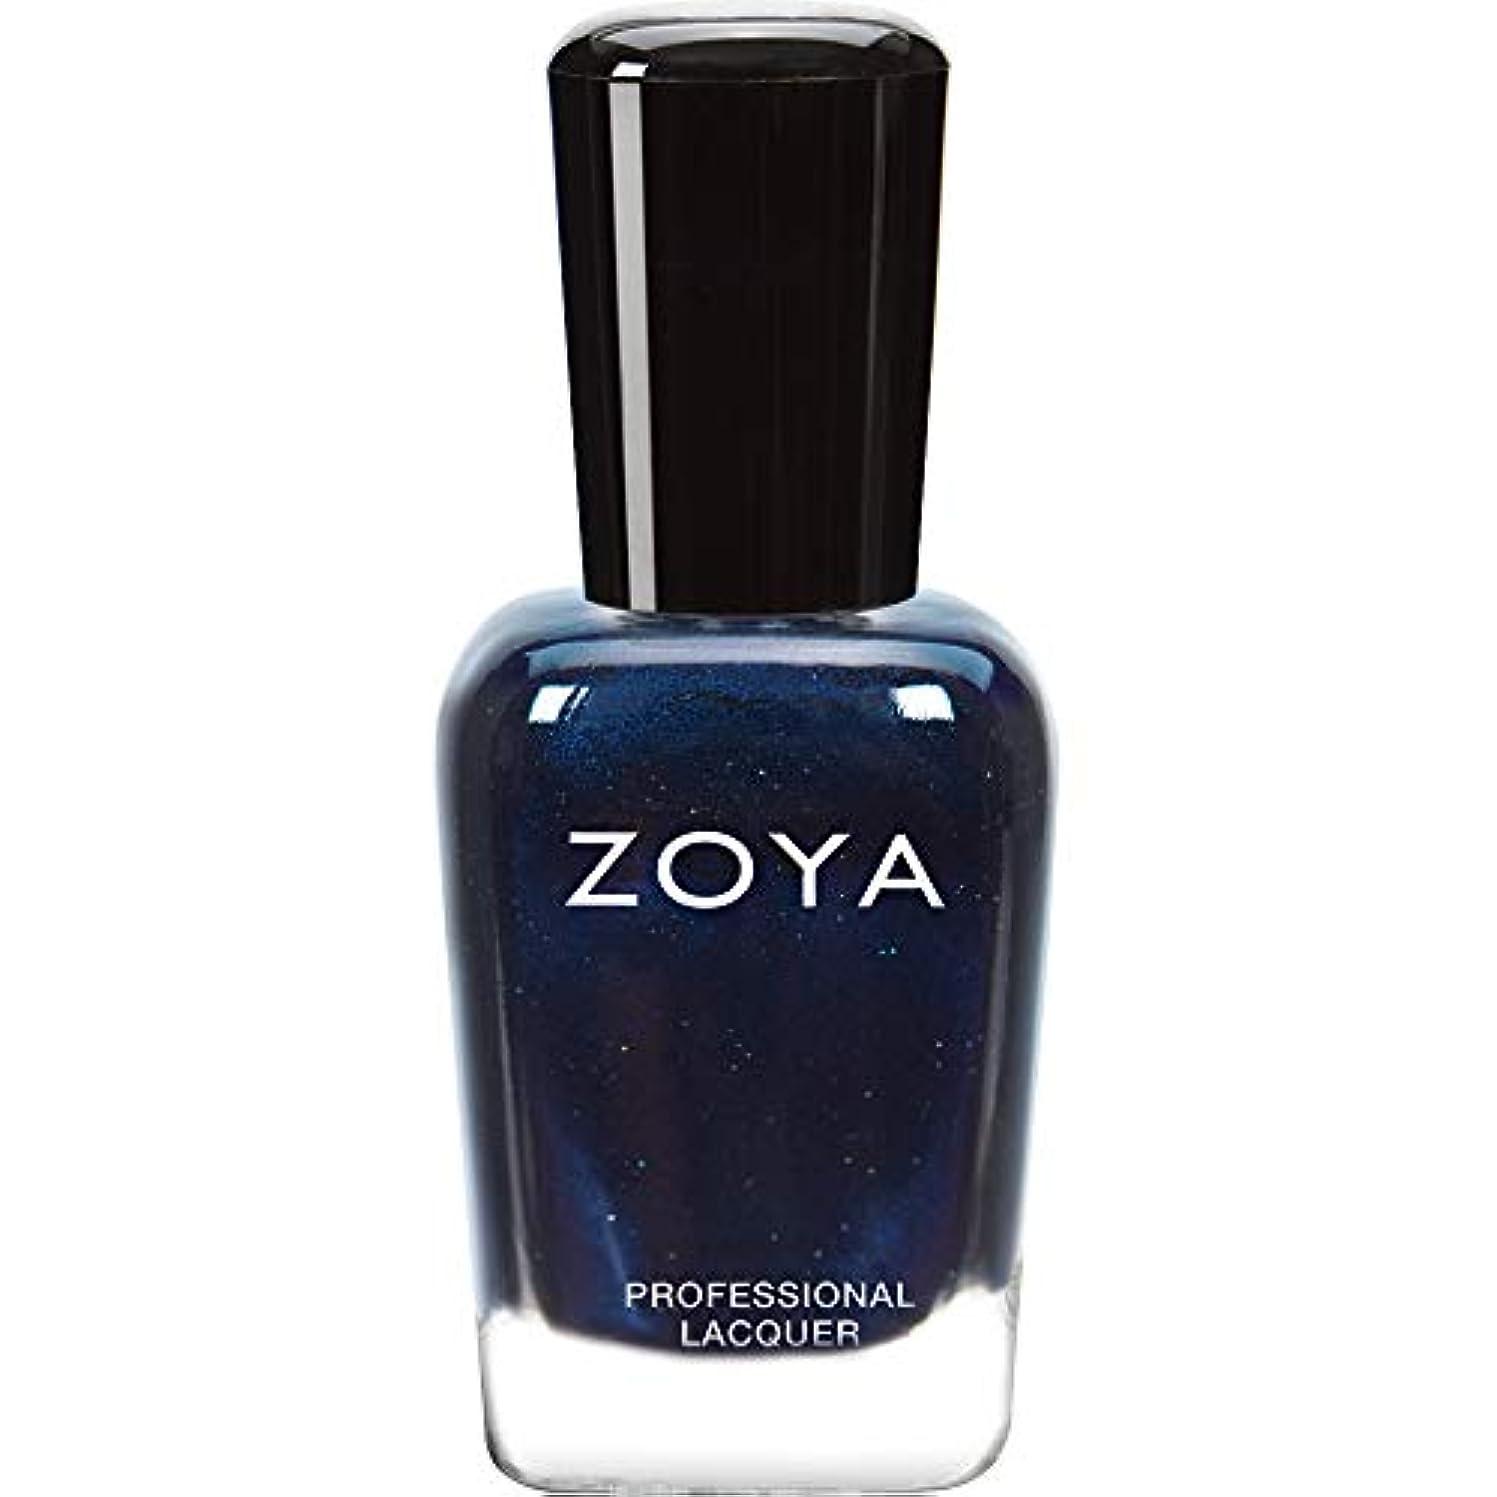 静脈前売一見ZOYA ゾーヤ ネイルカラー ZP415 INDIGO インディゴ 15ml 深いインディゴブルー マット?グリッター/メタリック 爪にやさしいネイルラッカーマニキュア